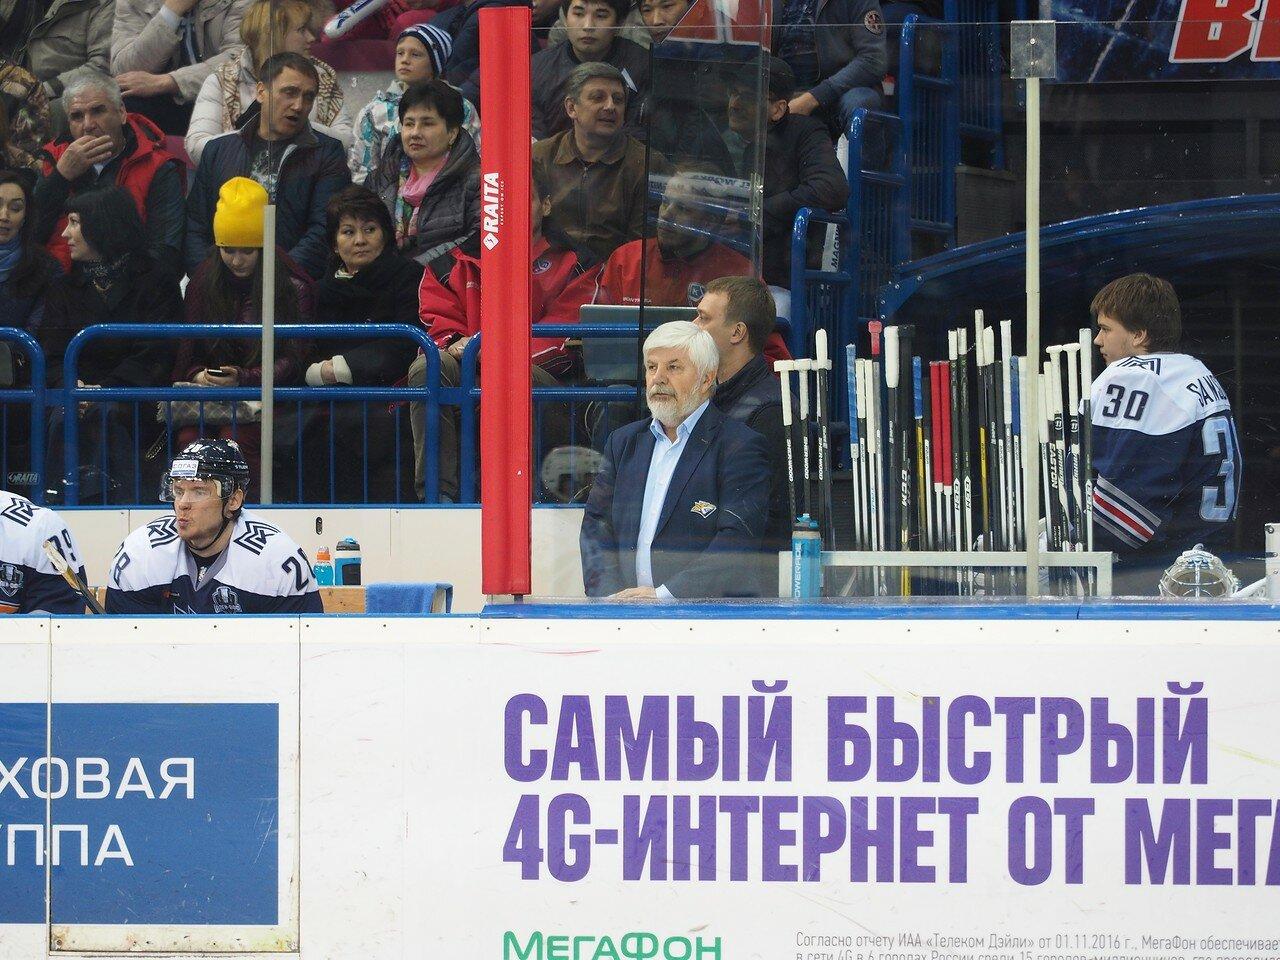 110 Первая игра финала плей-офф восточной конференции 2017 Металлург - АкБарс 24.03.2017